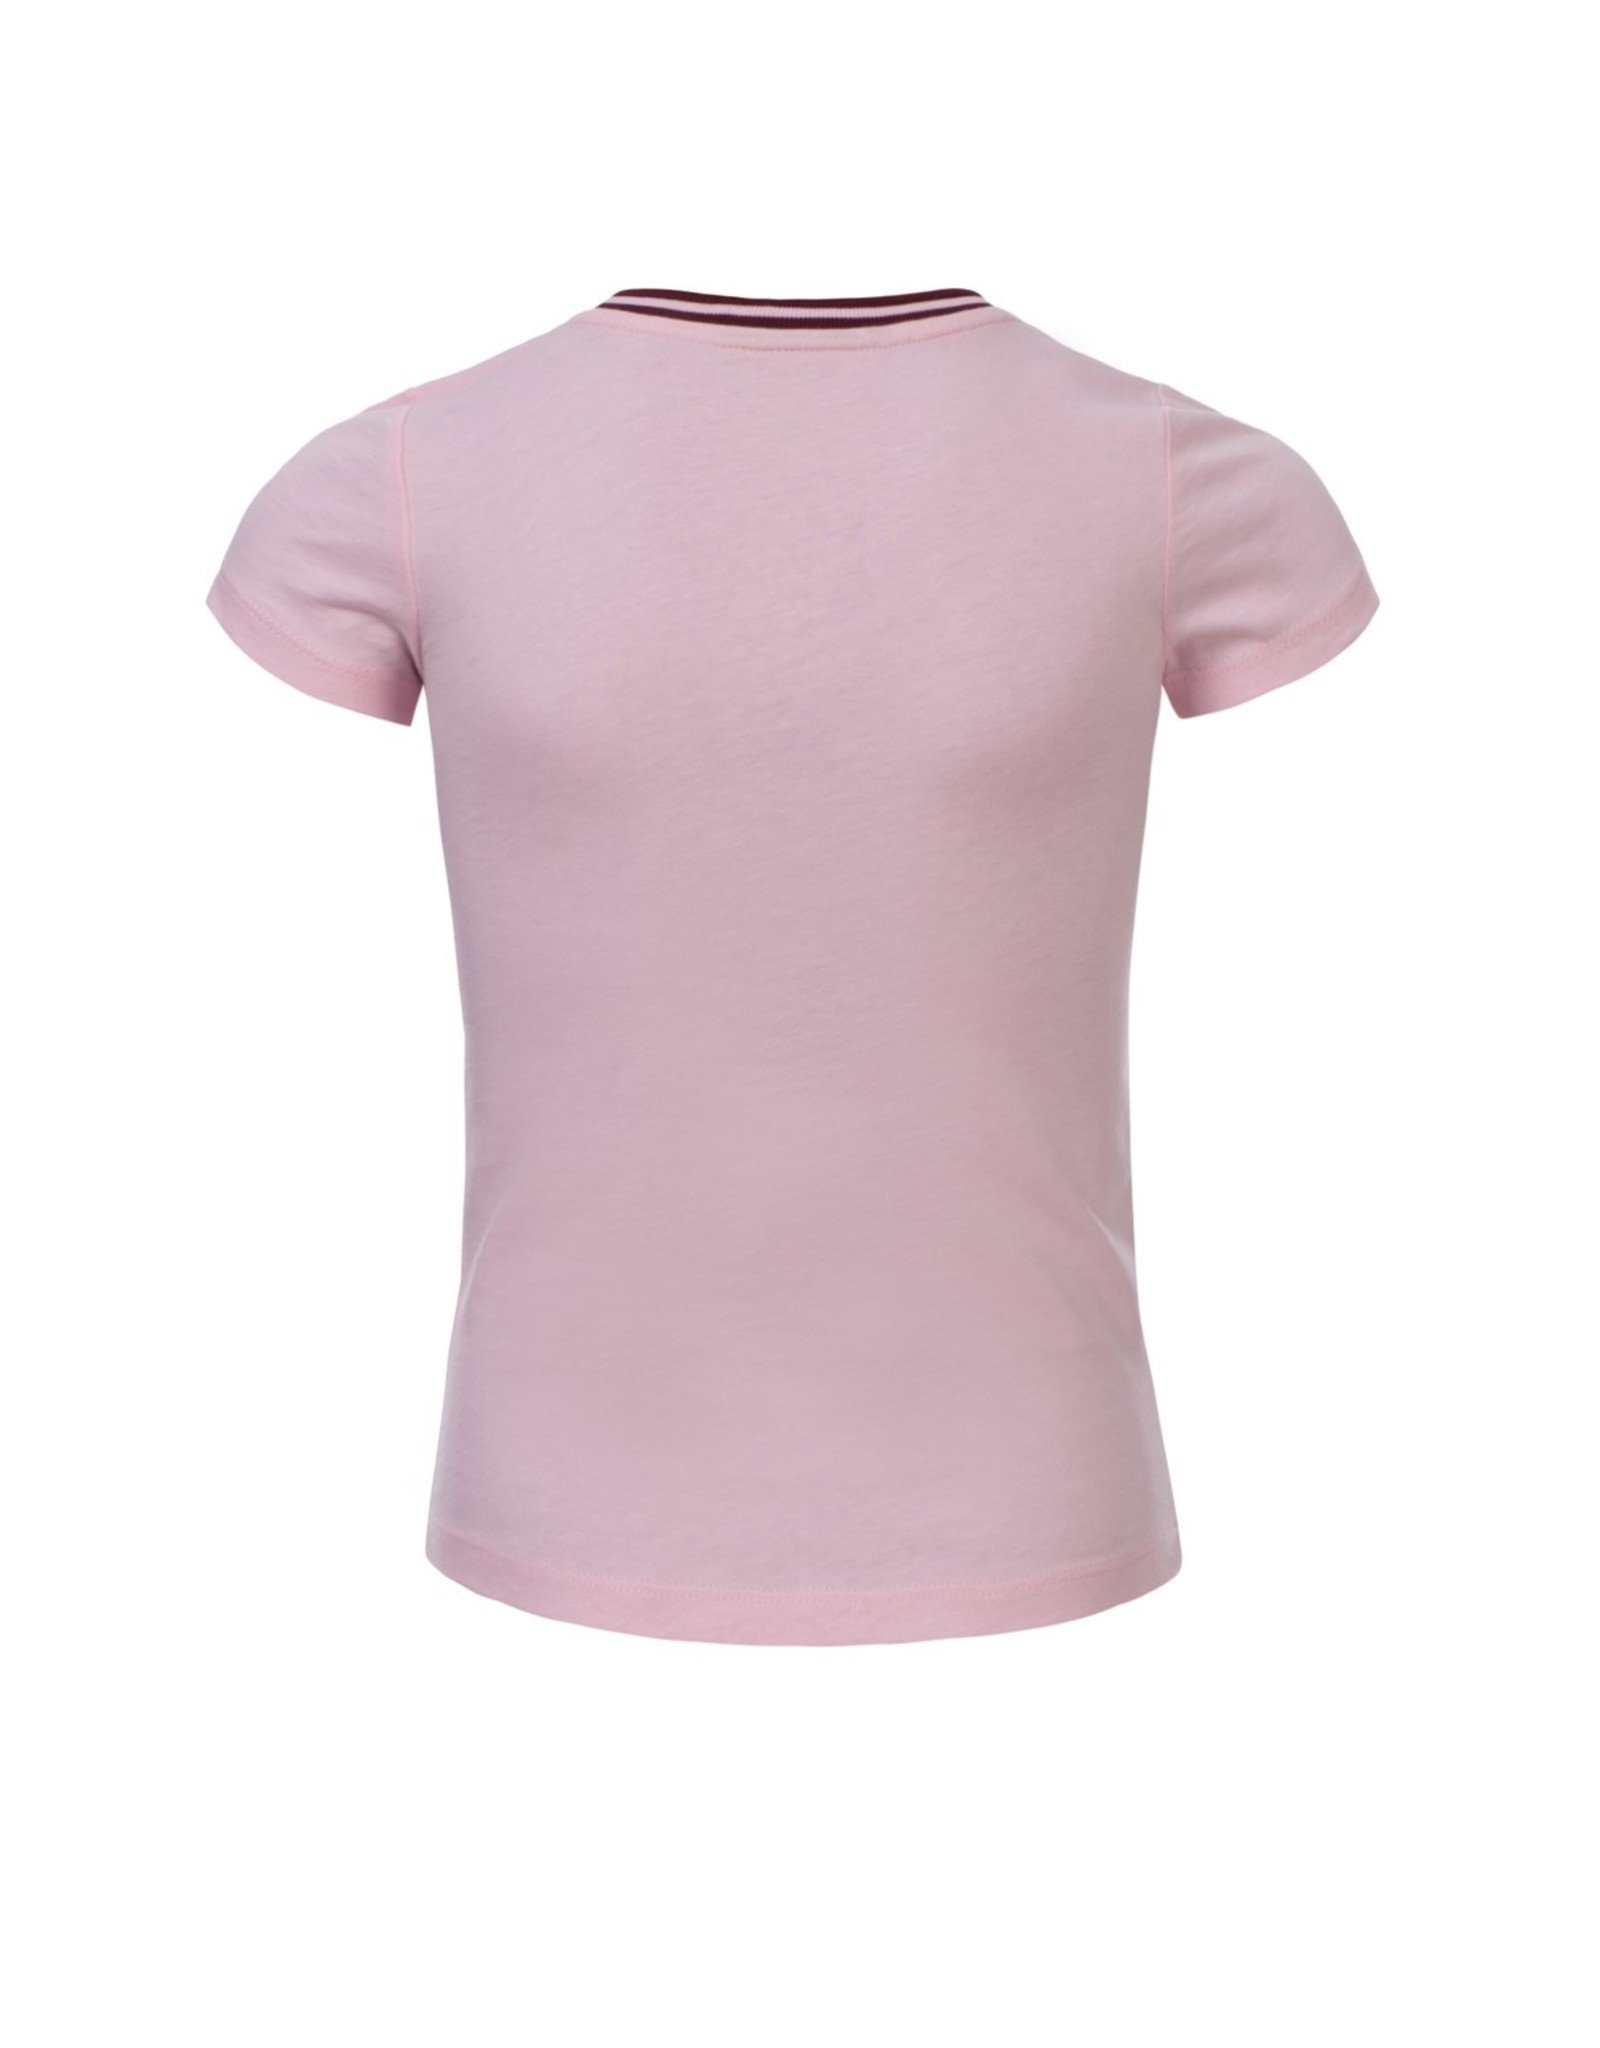 Looxs Girls T-shirt s/s Ballet